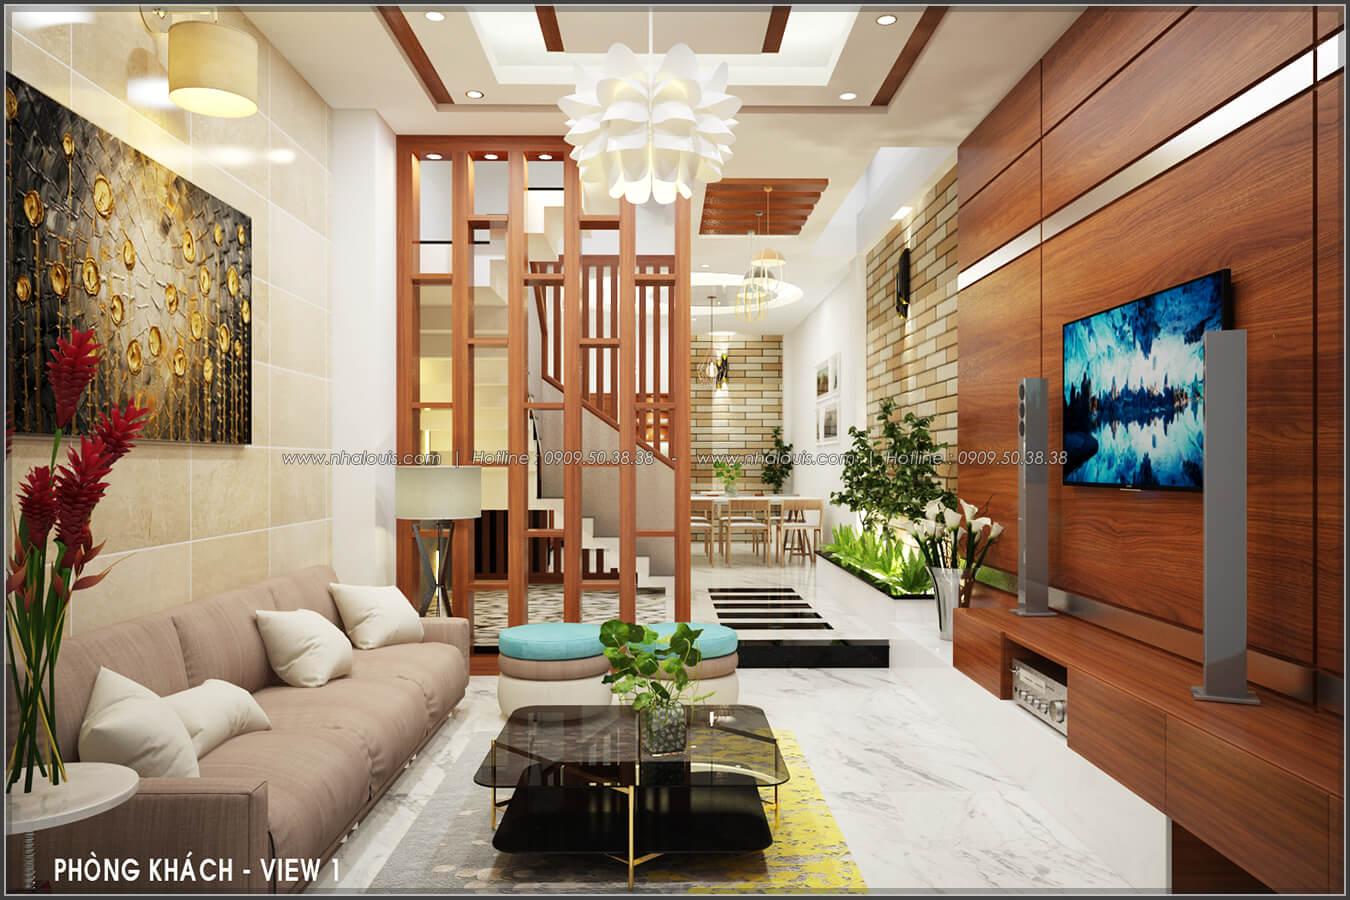 10 Mẫu phòng khách gỗ đẹp và sang trọng